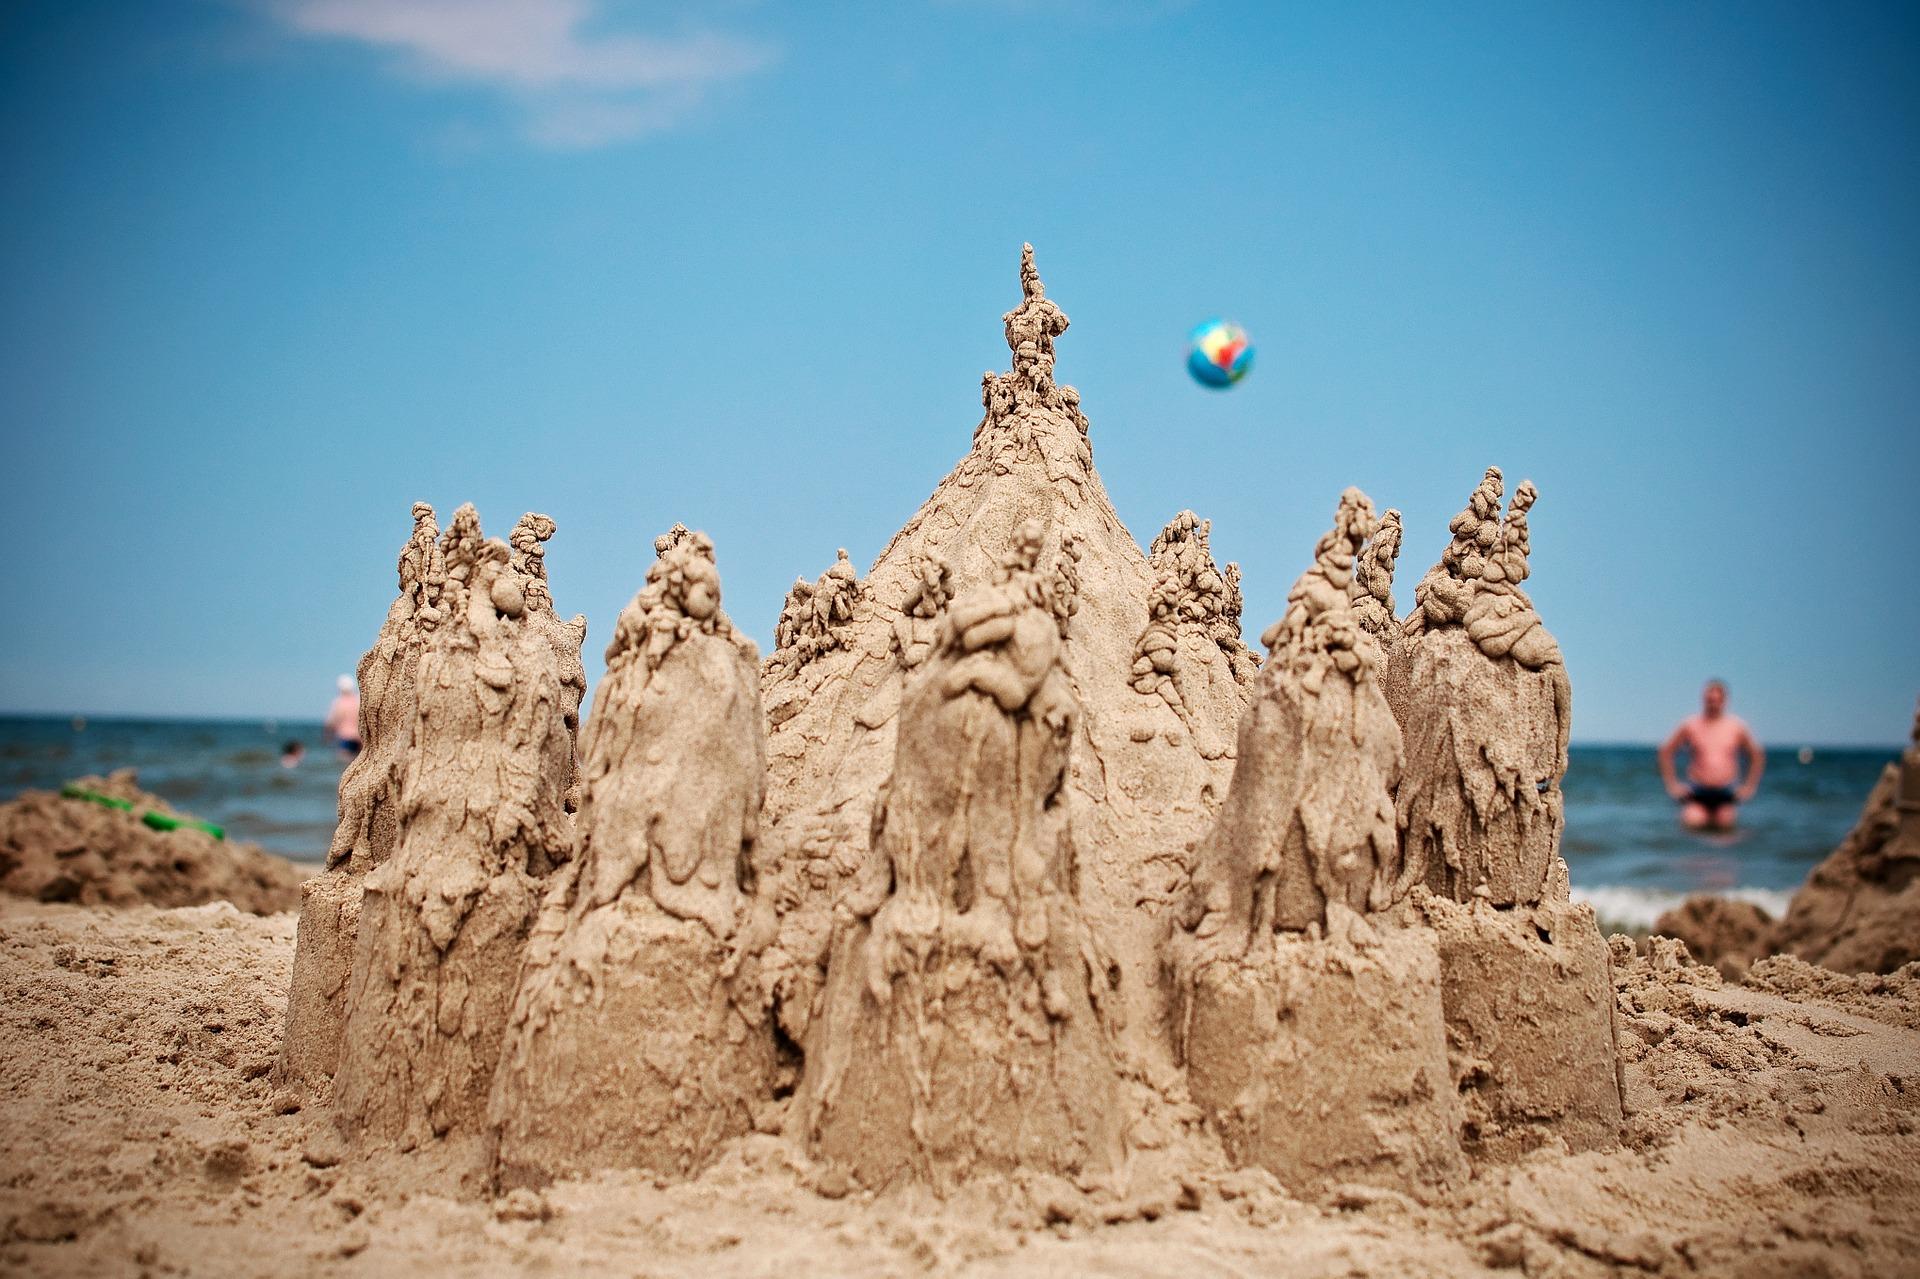 砂の城, ビーチ, 海, 水, 夏 - HD の壁紙 - 教授-falken.com